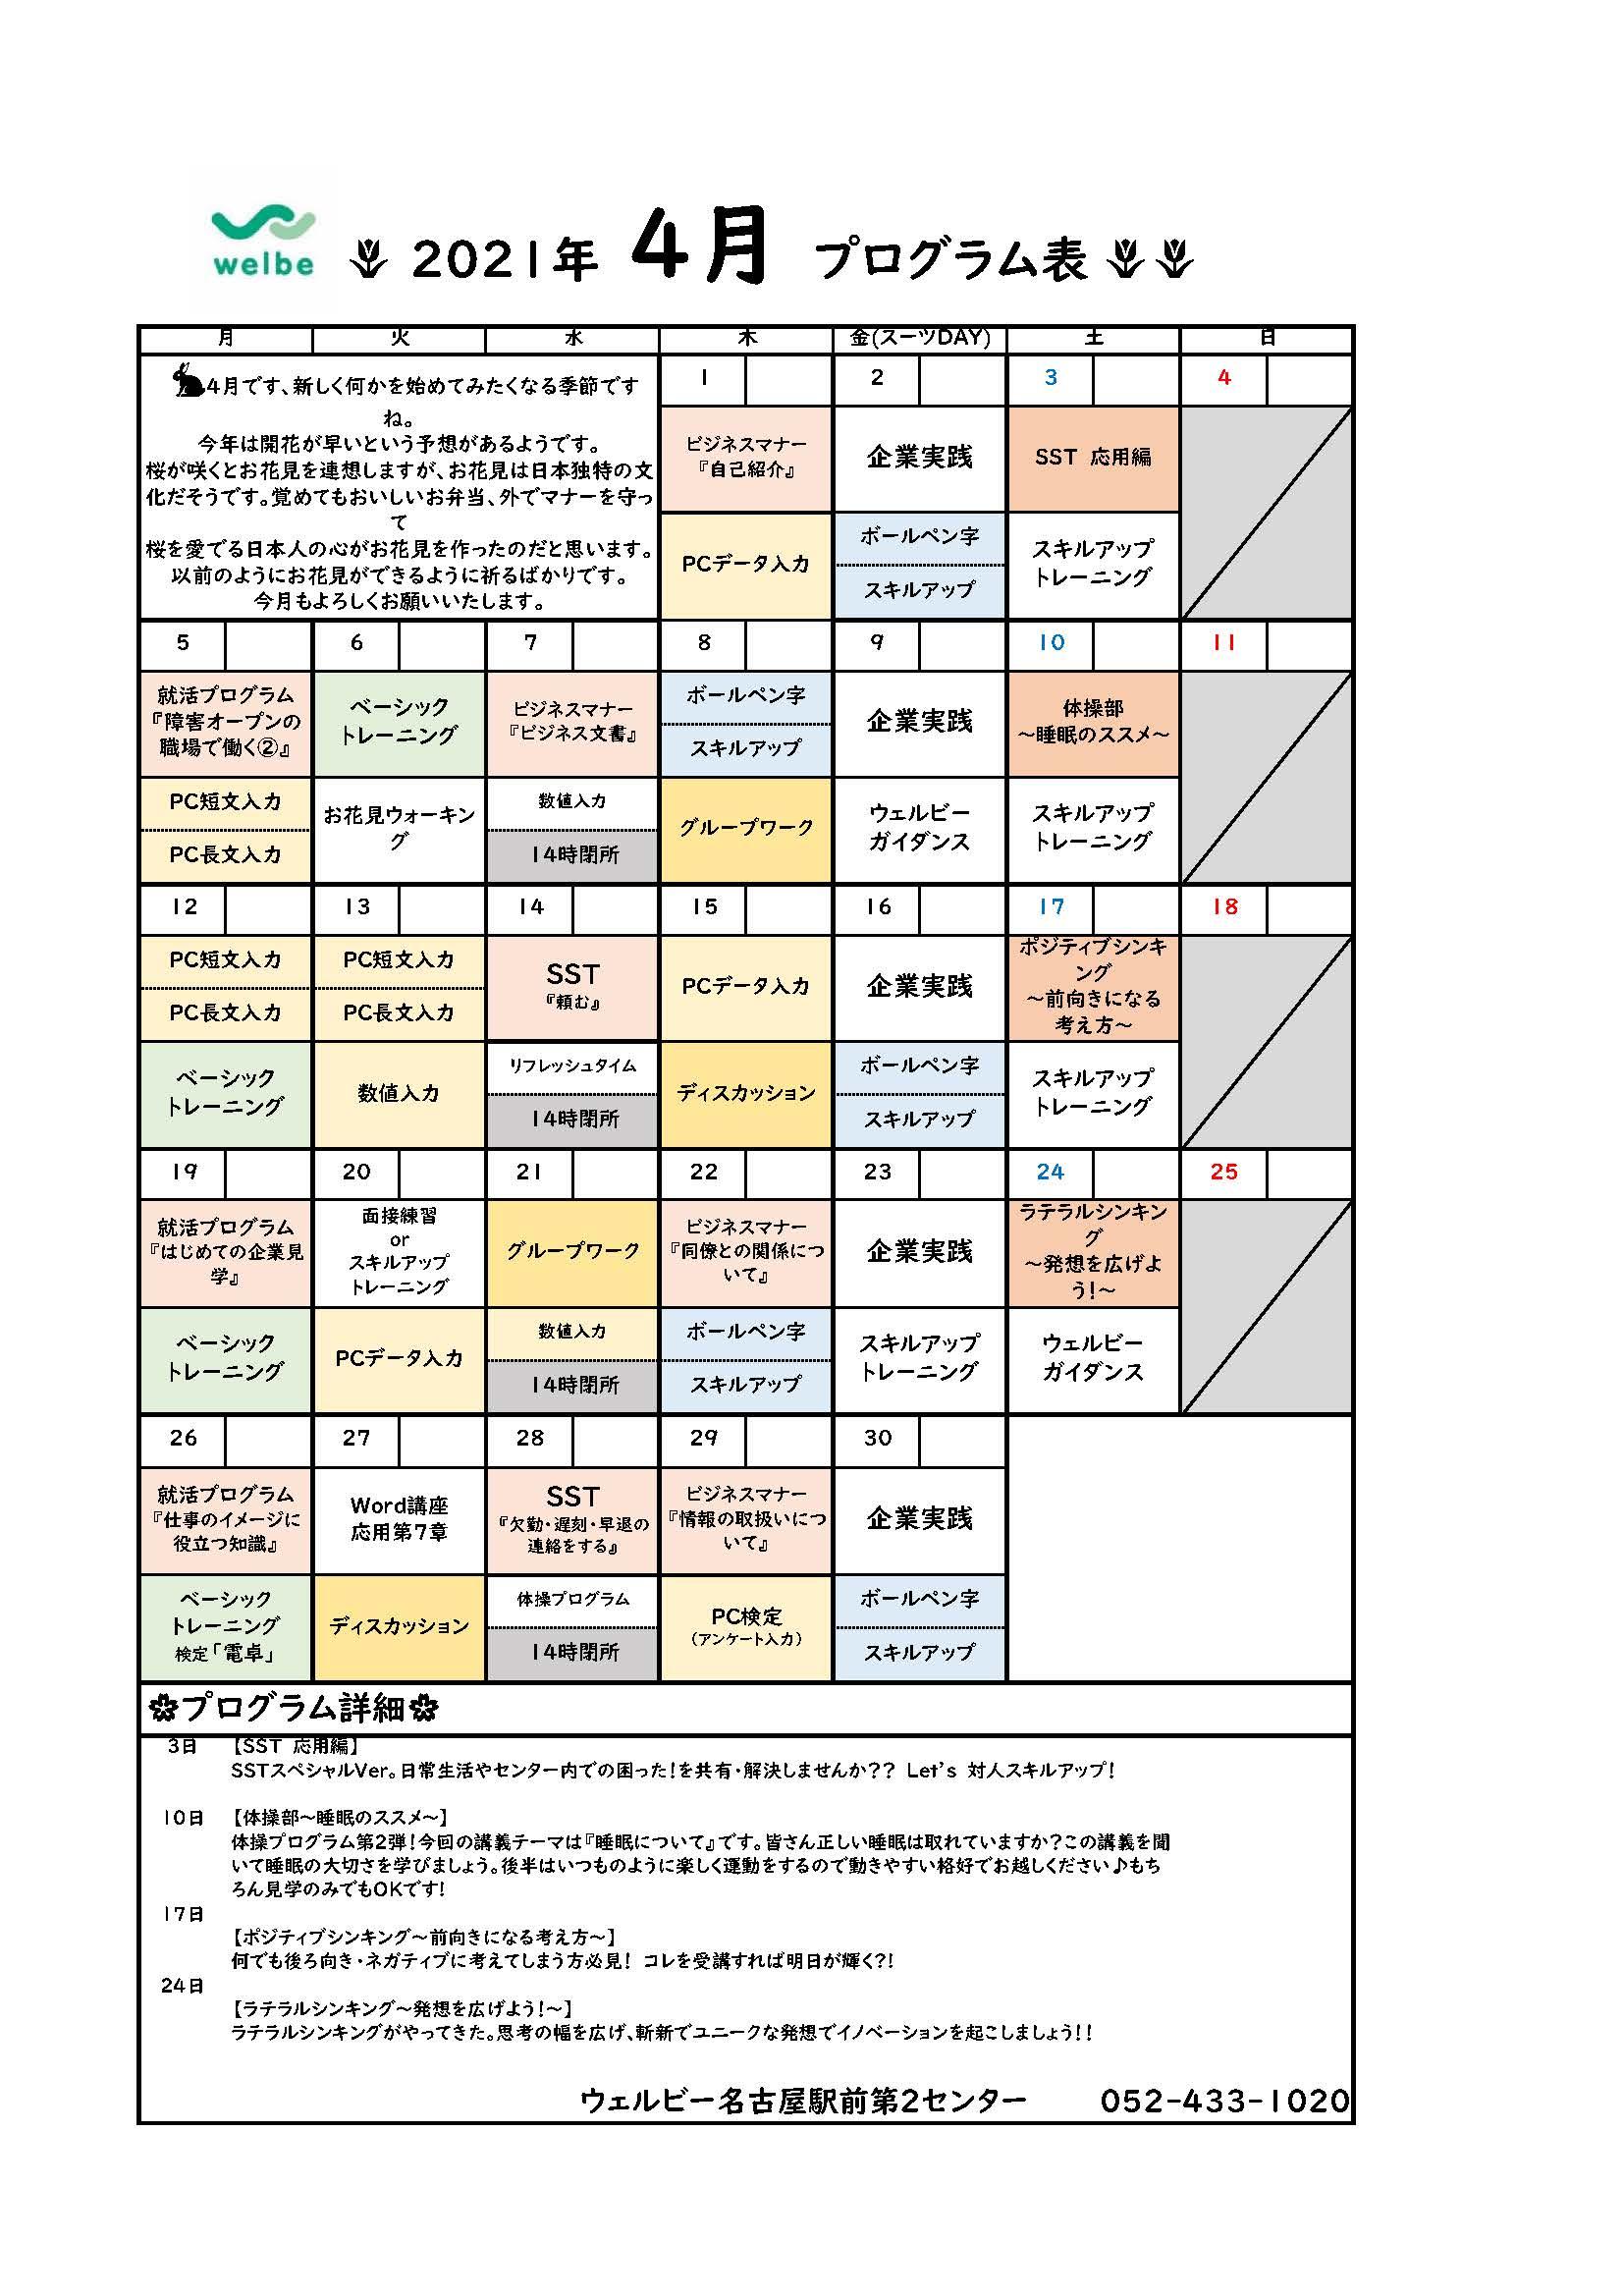 名古屋駅前第2センター画像①(4月プログラム表)